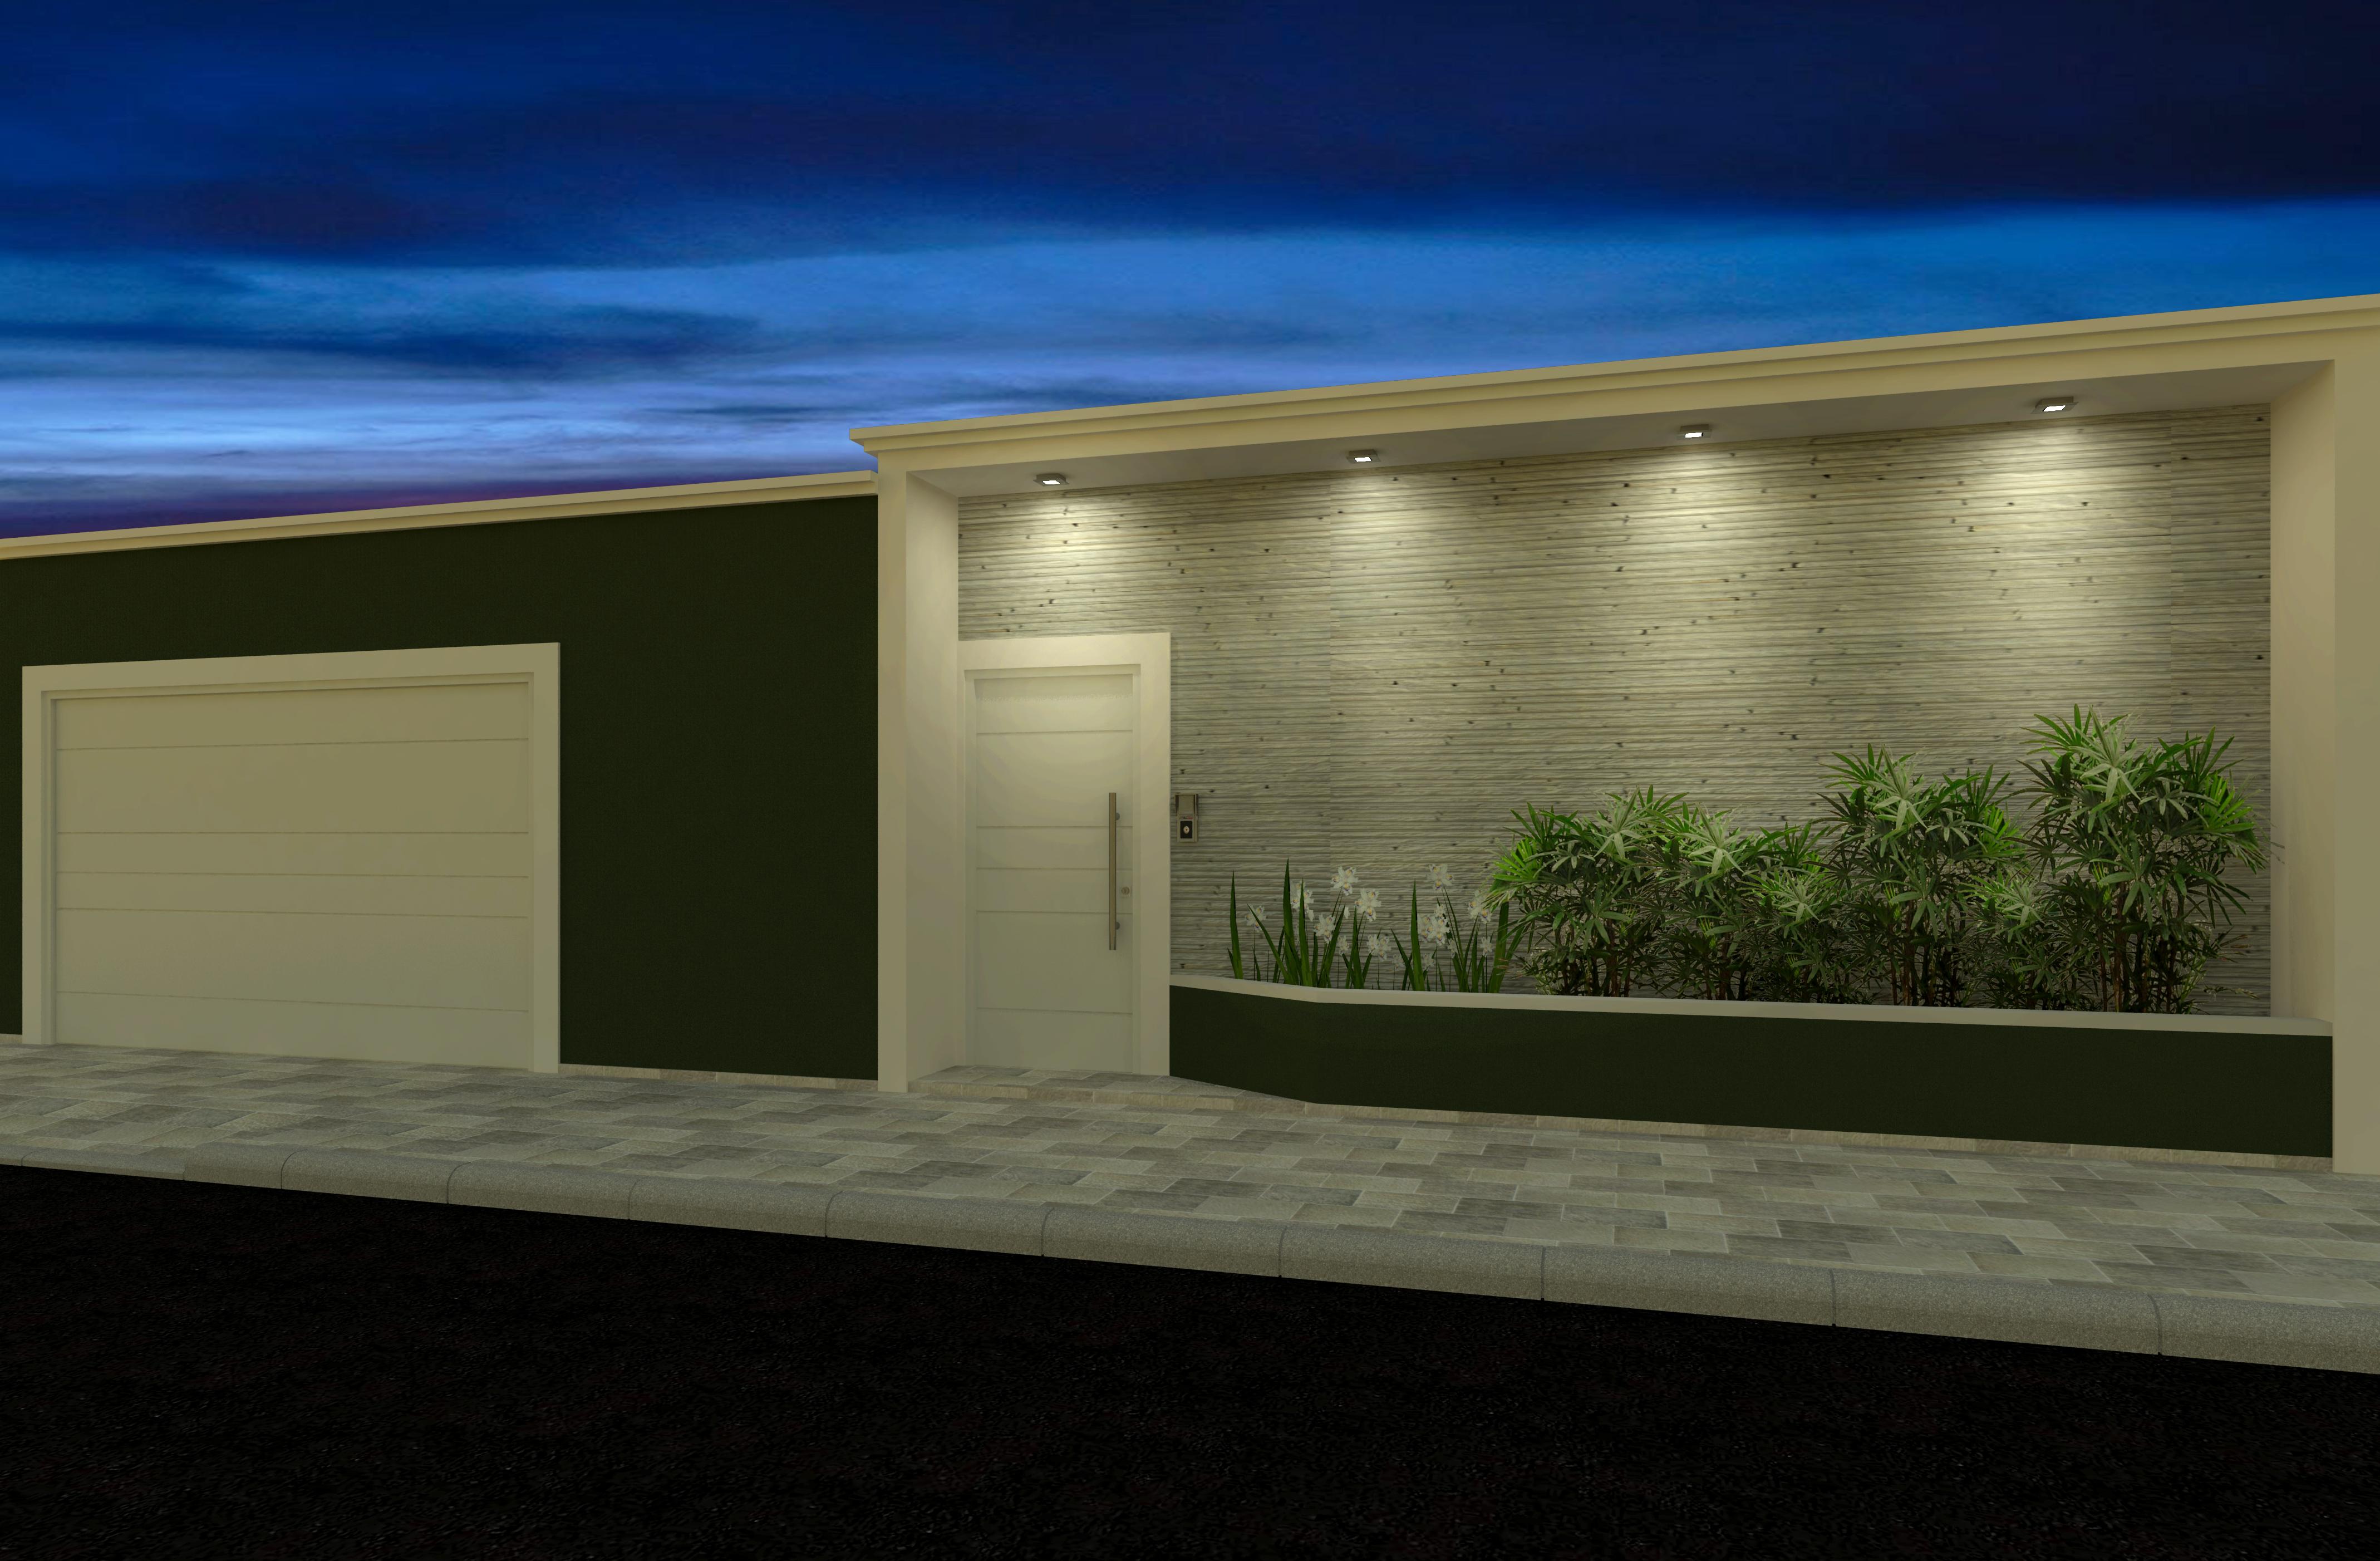 49 modelos de muros e fachadas residenciais - Muros decorativos para interiores ...